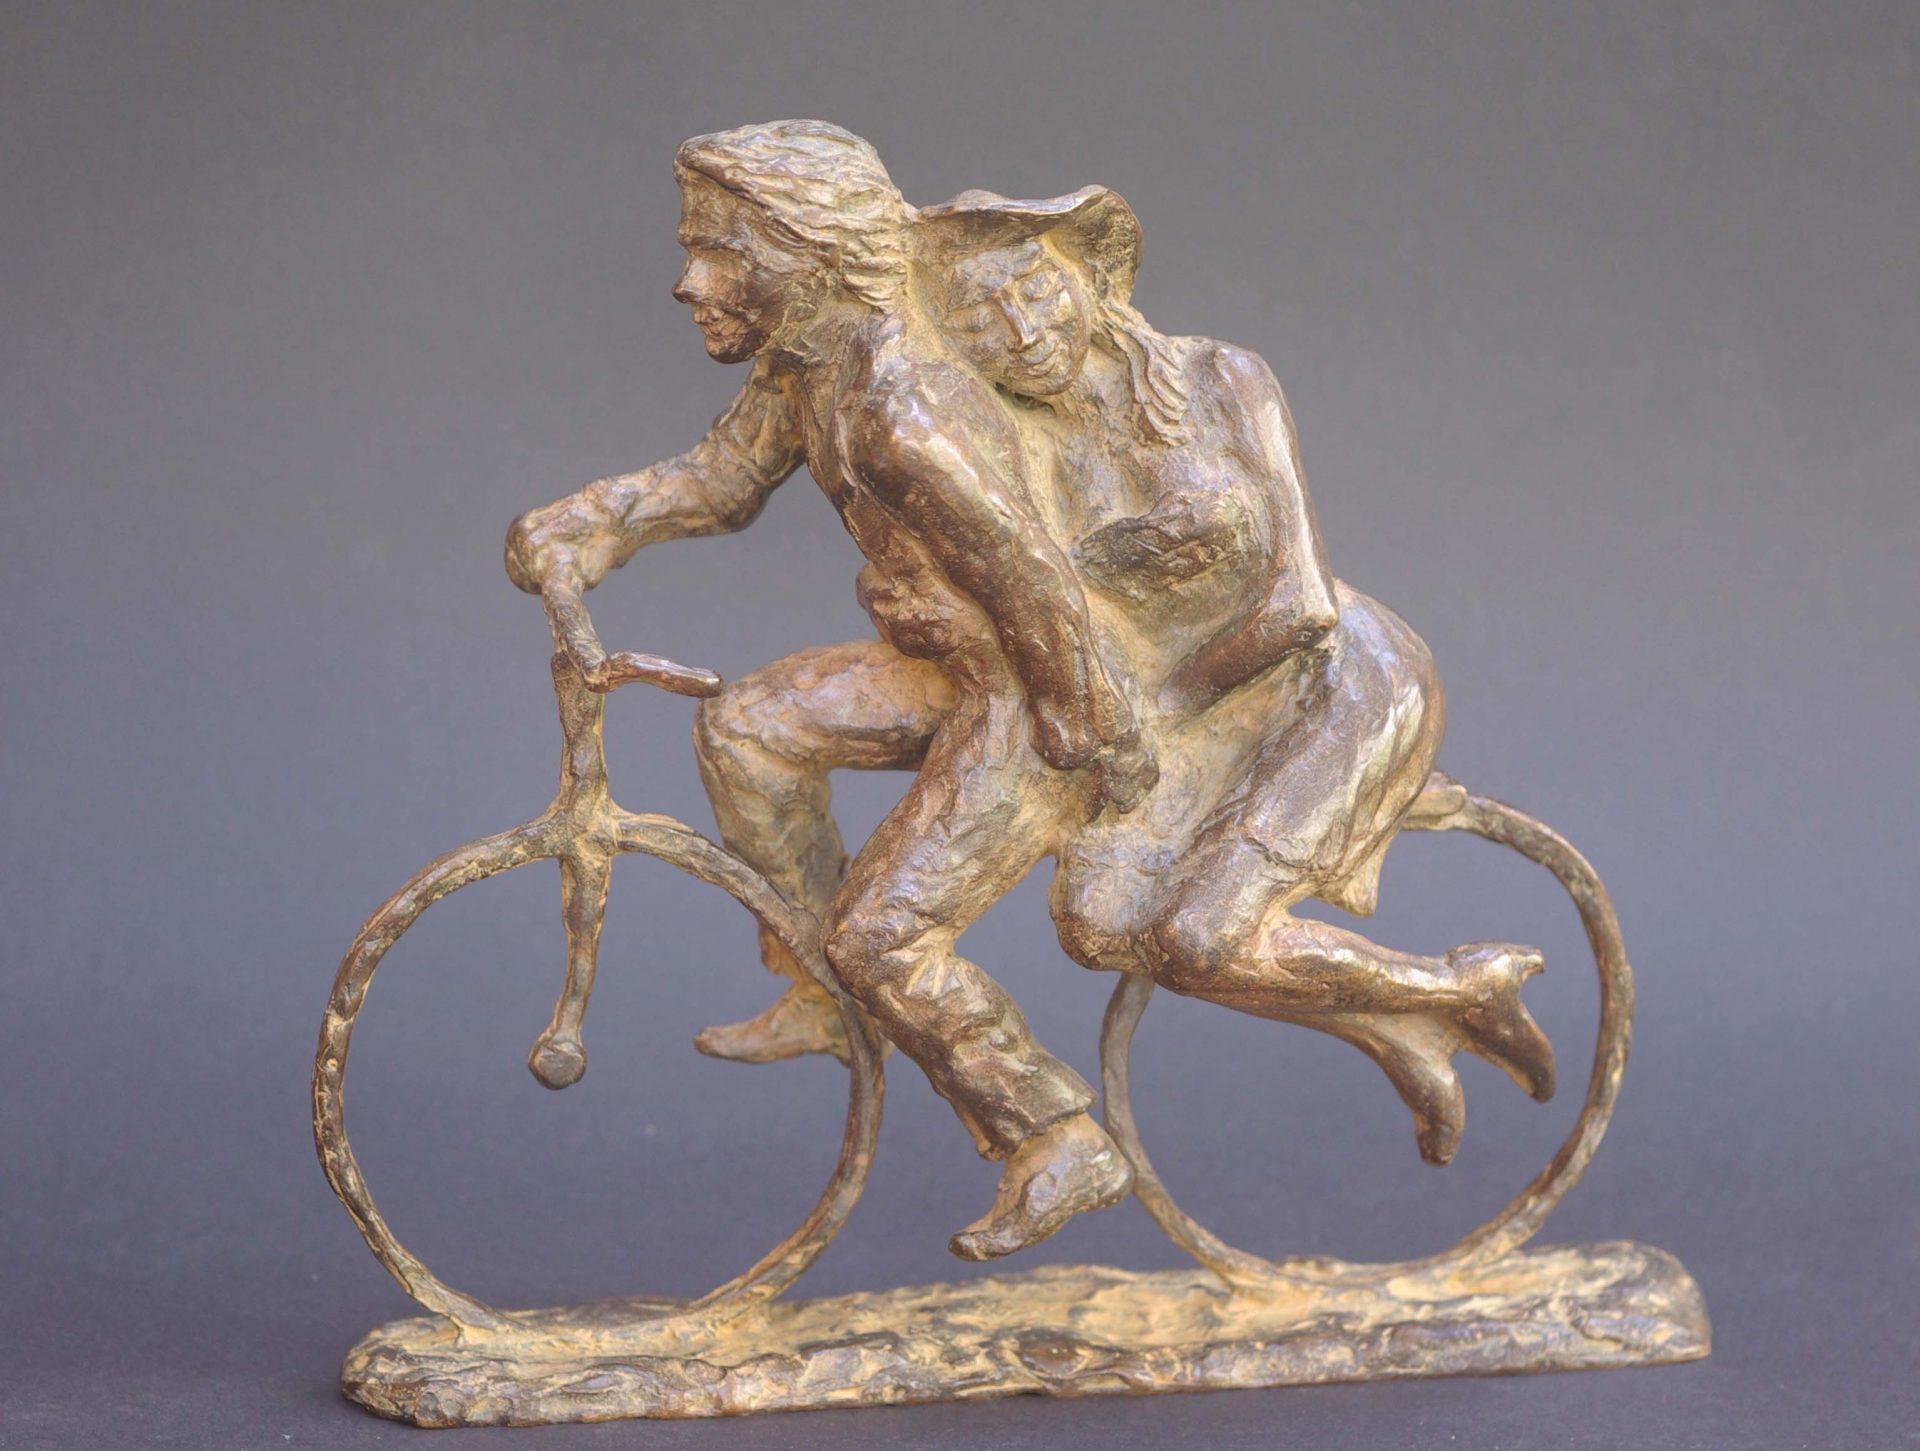 brons beeld verbeeld liefde tussen man en vrouw, huwelijk, huwelijkscadeau,intimiteit, tederheid. Trouwen,geliefden op fiets